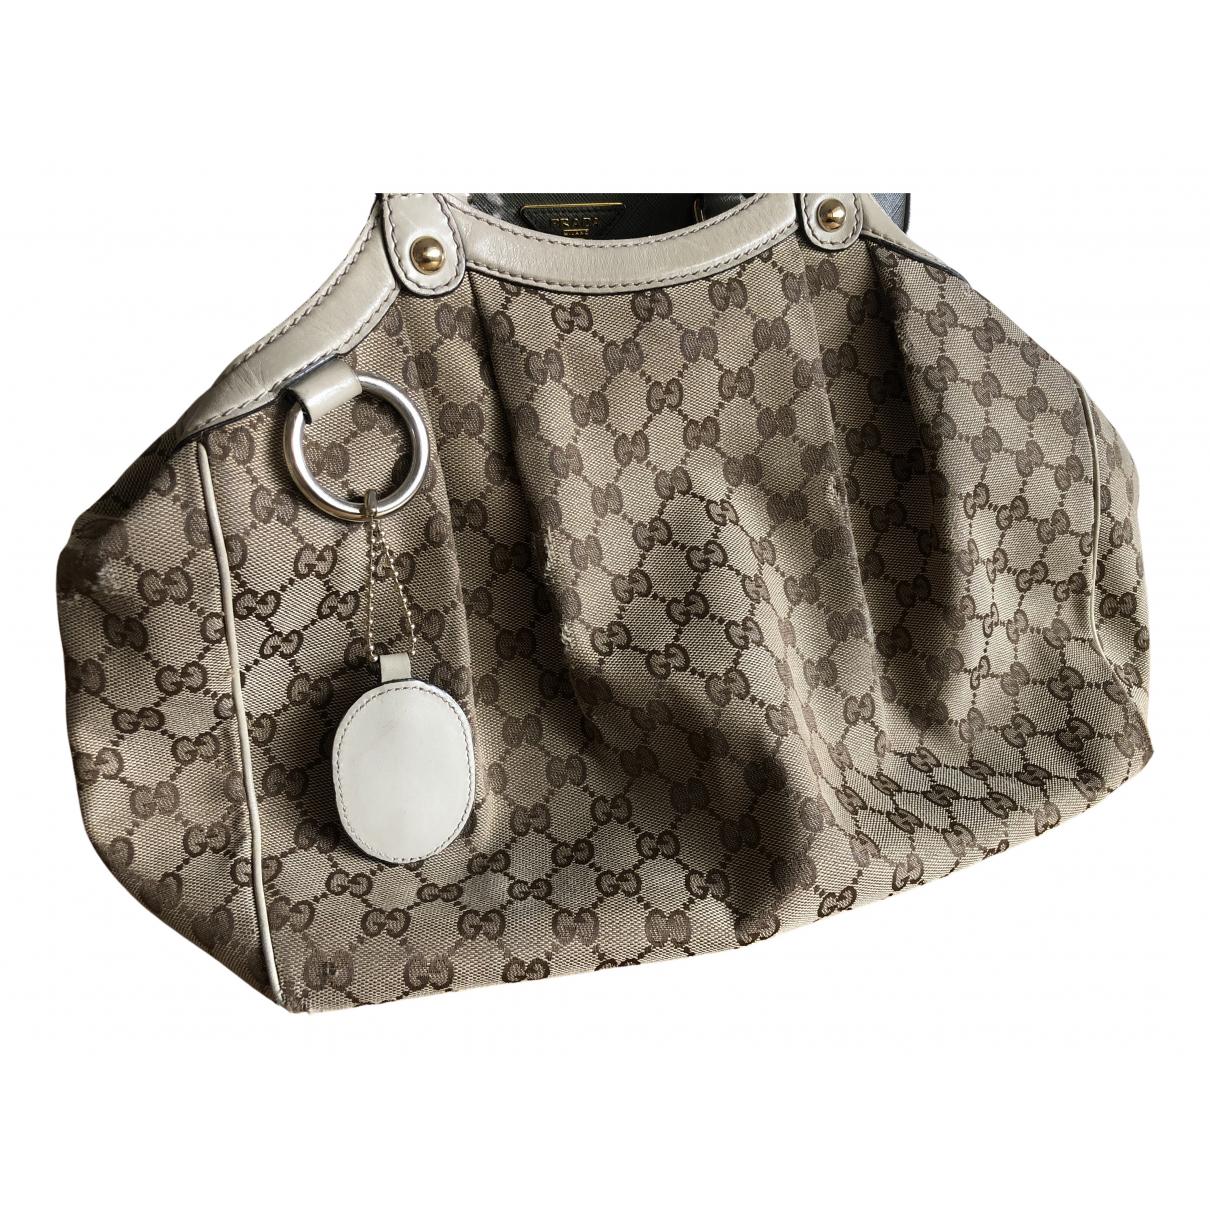 Gucci Sukey Beige Cloth handbag for Women N